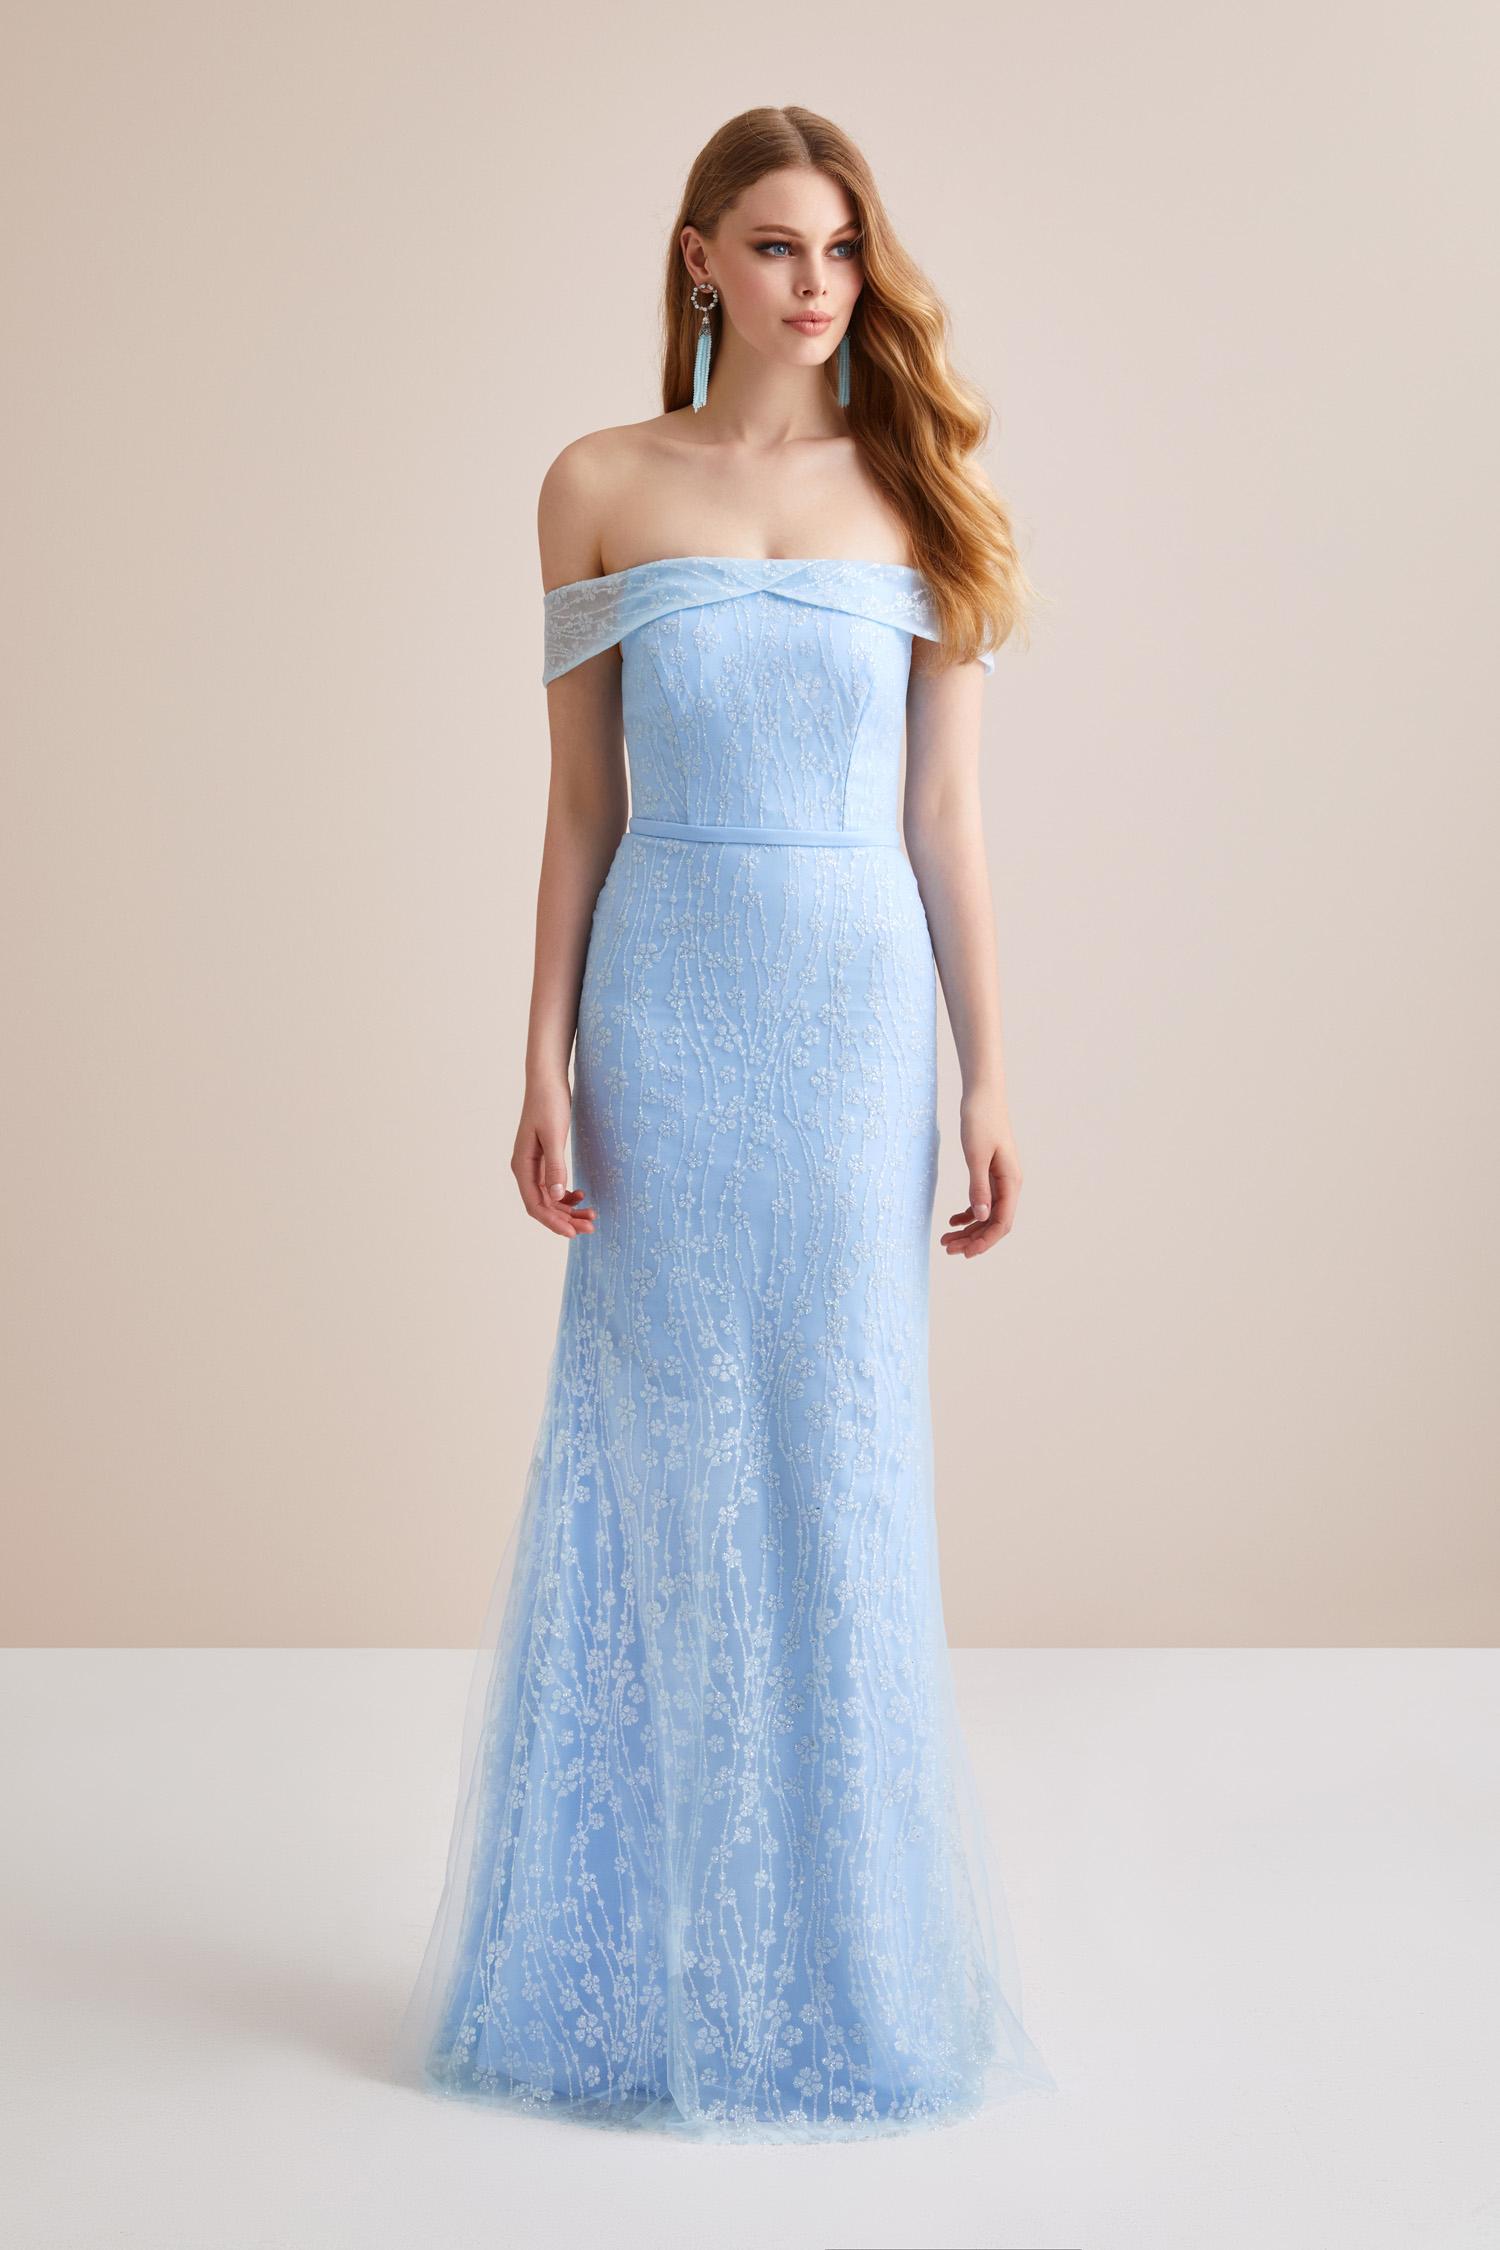 dd1233bb21a73 Buz Mavisi Kayık Yaka Dantel Uzun Abiye Elbise İndirim 2XLVC3583_ICE BLUE